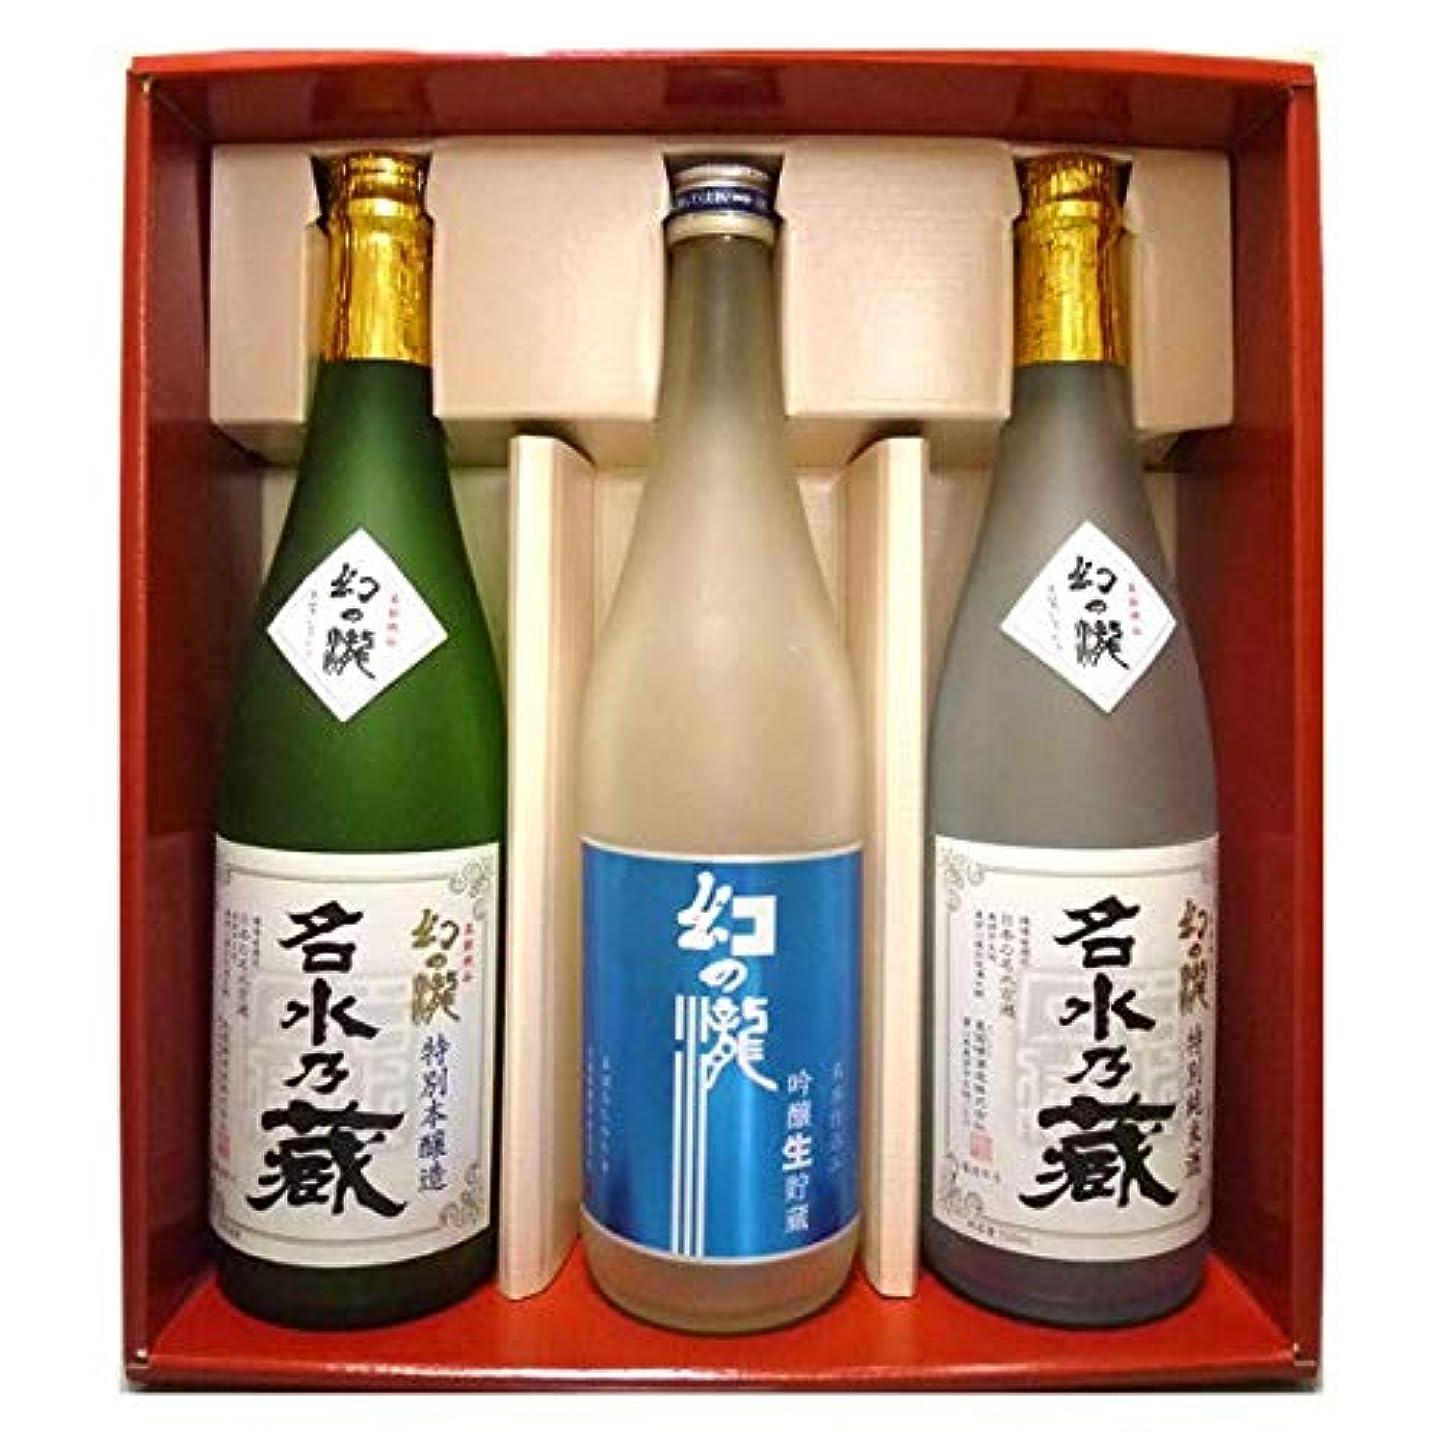 試用不信怠けた【富山の新鮮な湧き水を贅沢に使用】 幻の瀧 日本酒 飲み比べセット 720ml×3本 皇国晴酒造